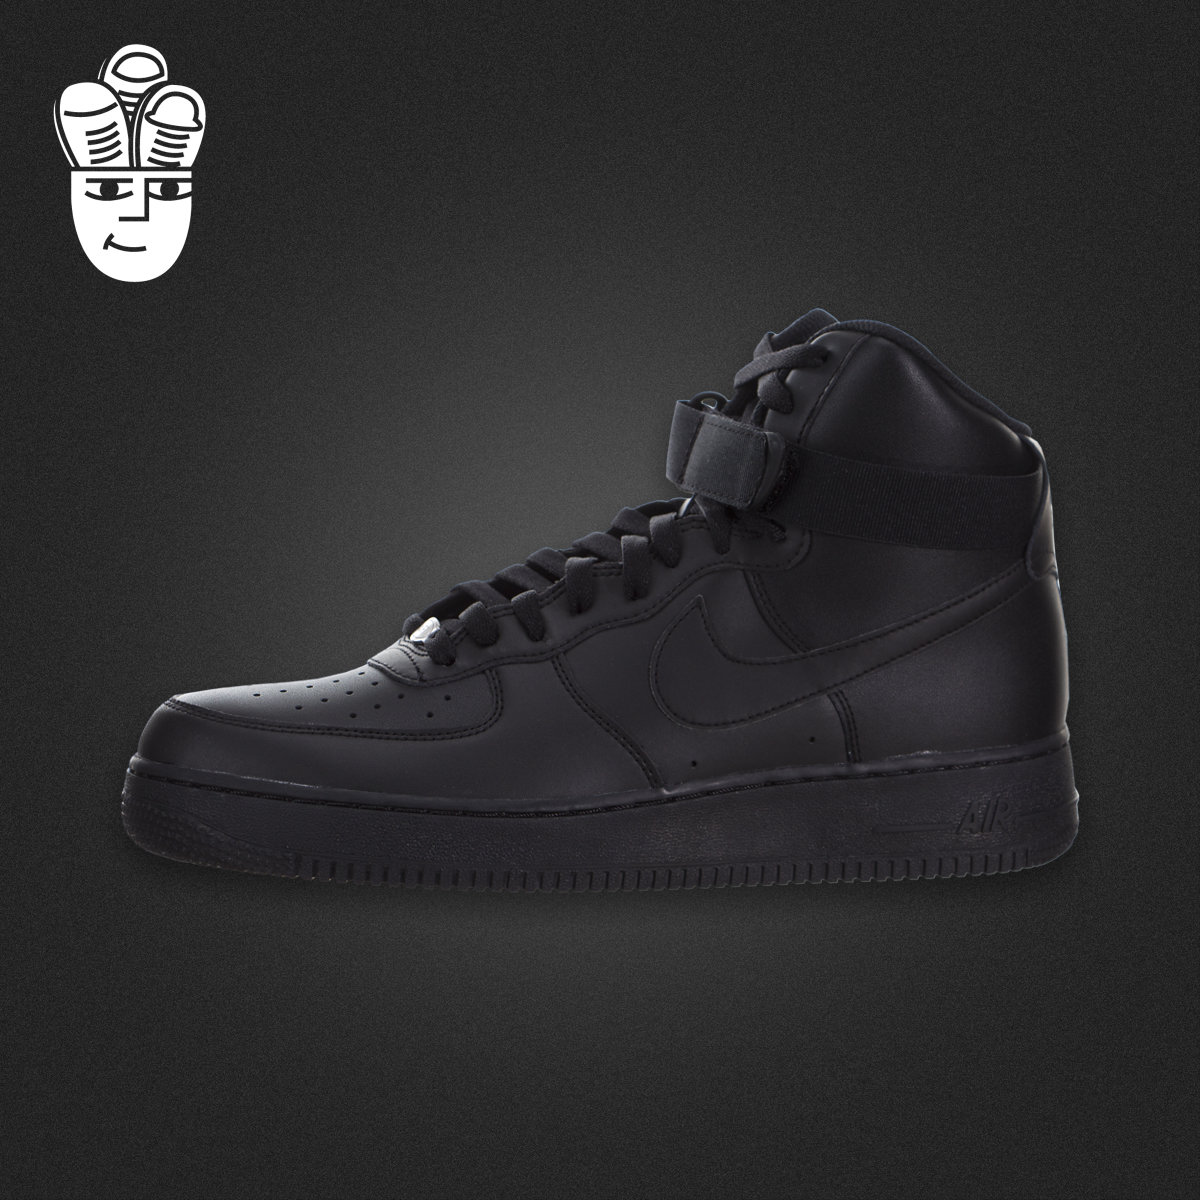 耐克 Nike Air Force 1 High 空军一号 男鞋 高帮板鞋 315121